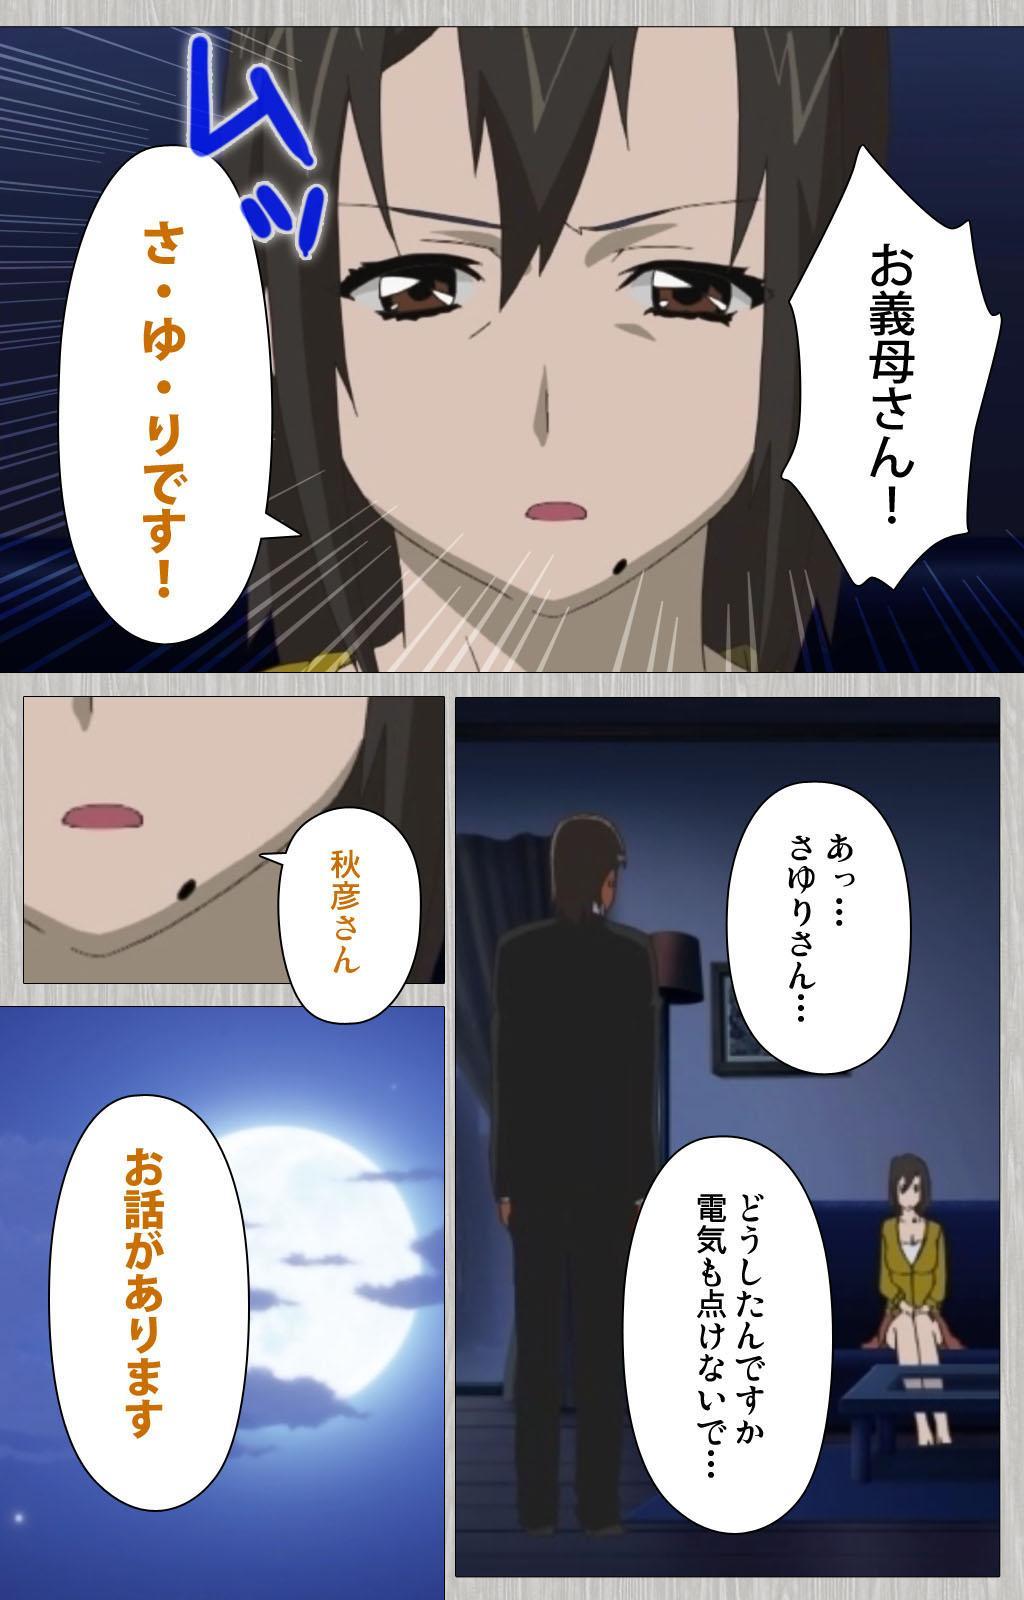 Tsuma no haha Sayuri Kanzenban 203